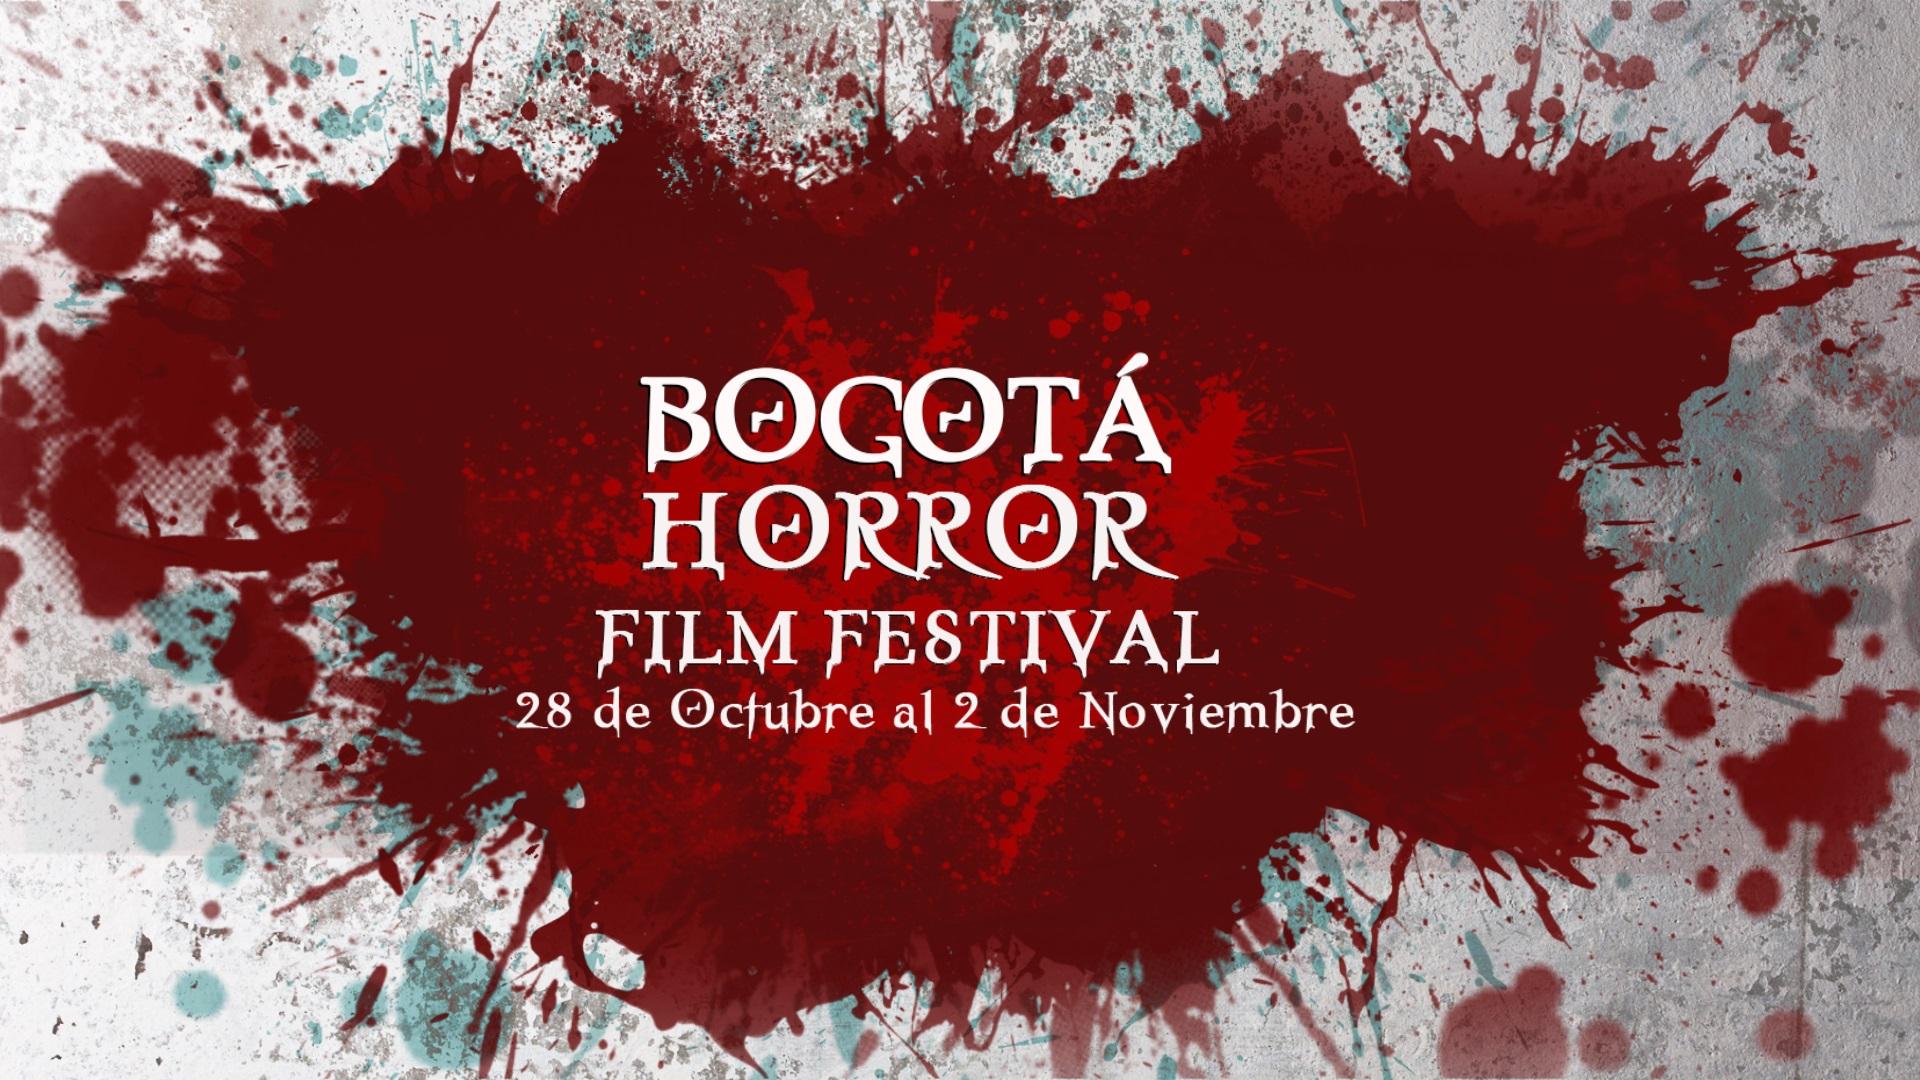 bogota_horror_film_festival_1_0.jpg